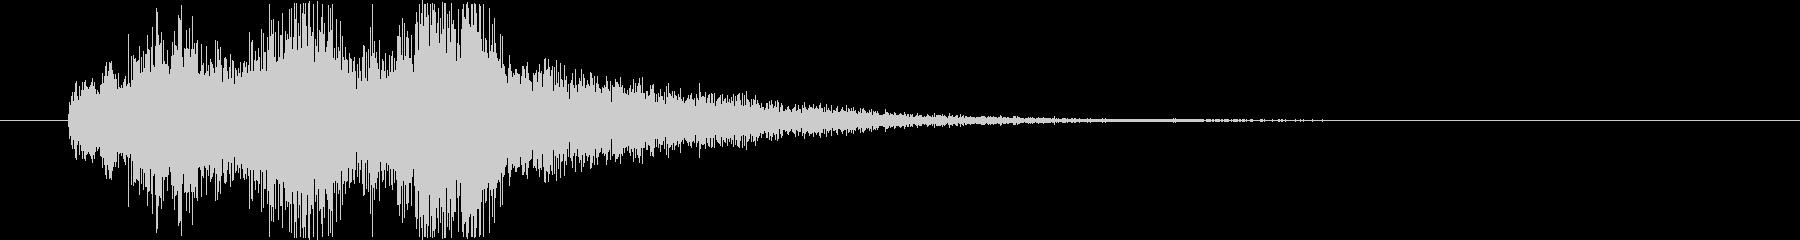 サウンドロゴ・オーケストラ(あおり)の未再生の波形